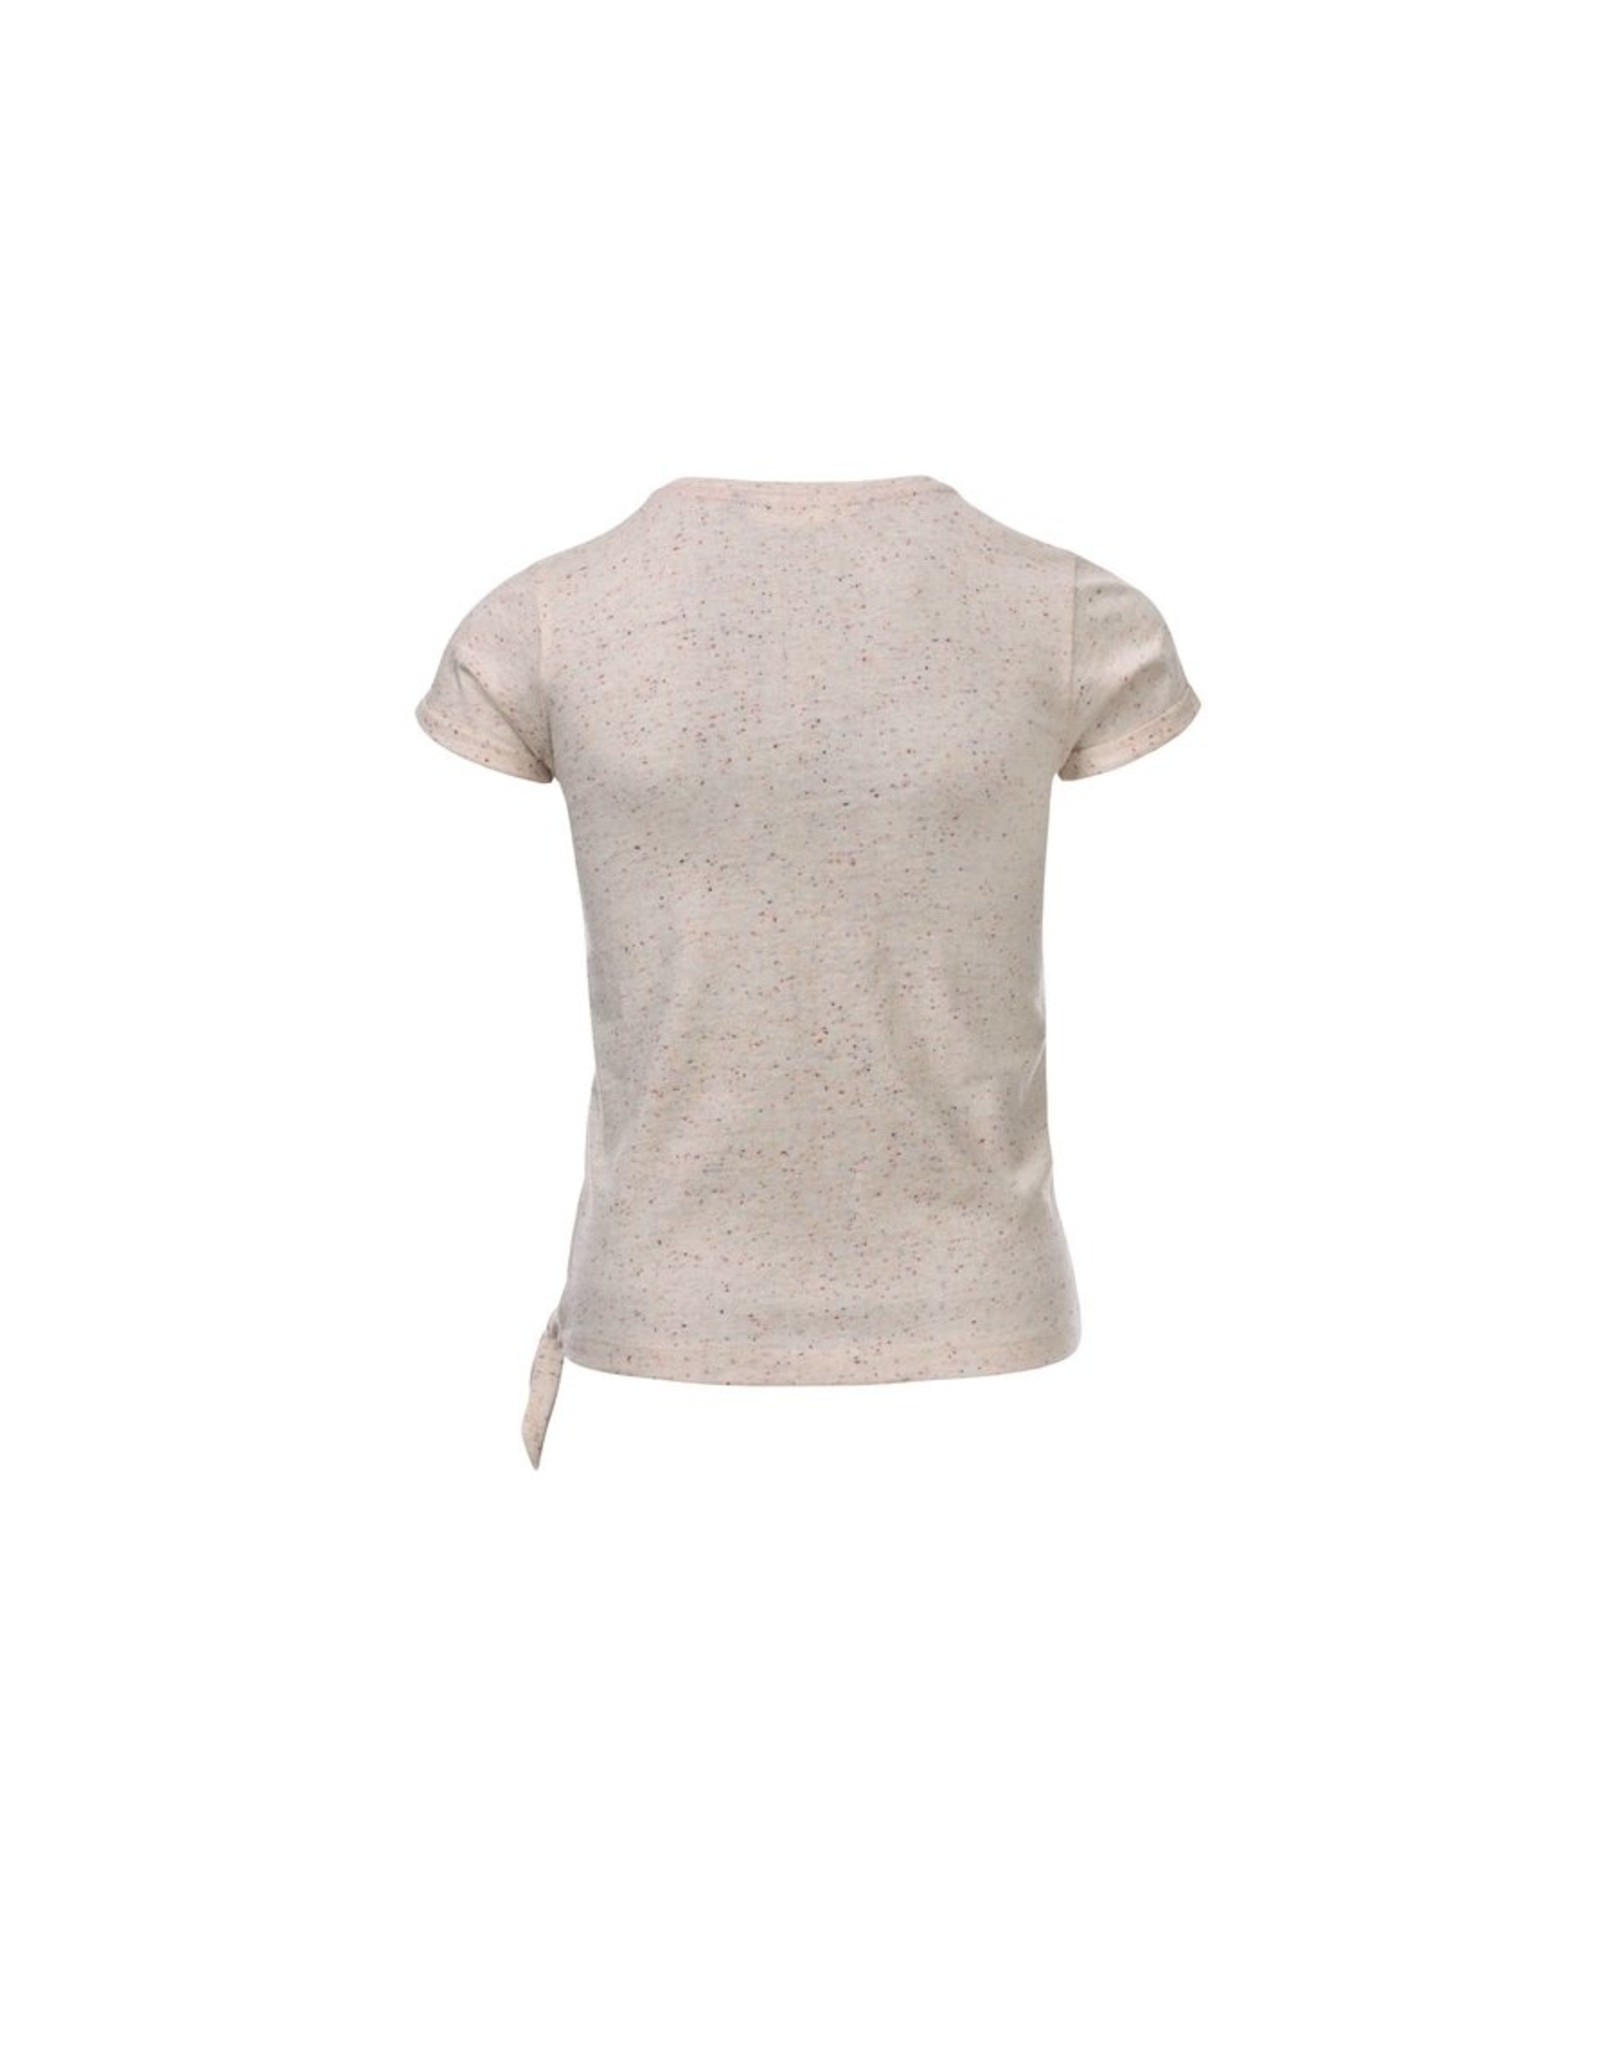 LOOXS Little Little t-shirt knot s. Sleeve, spikkel sand